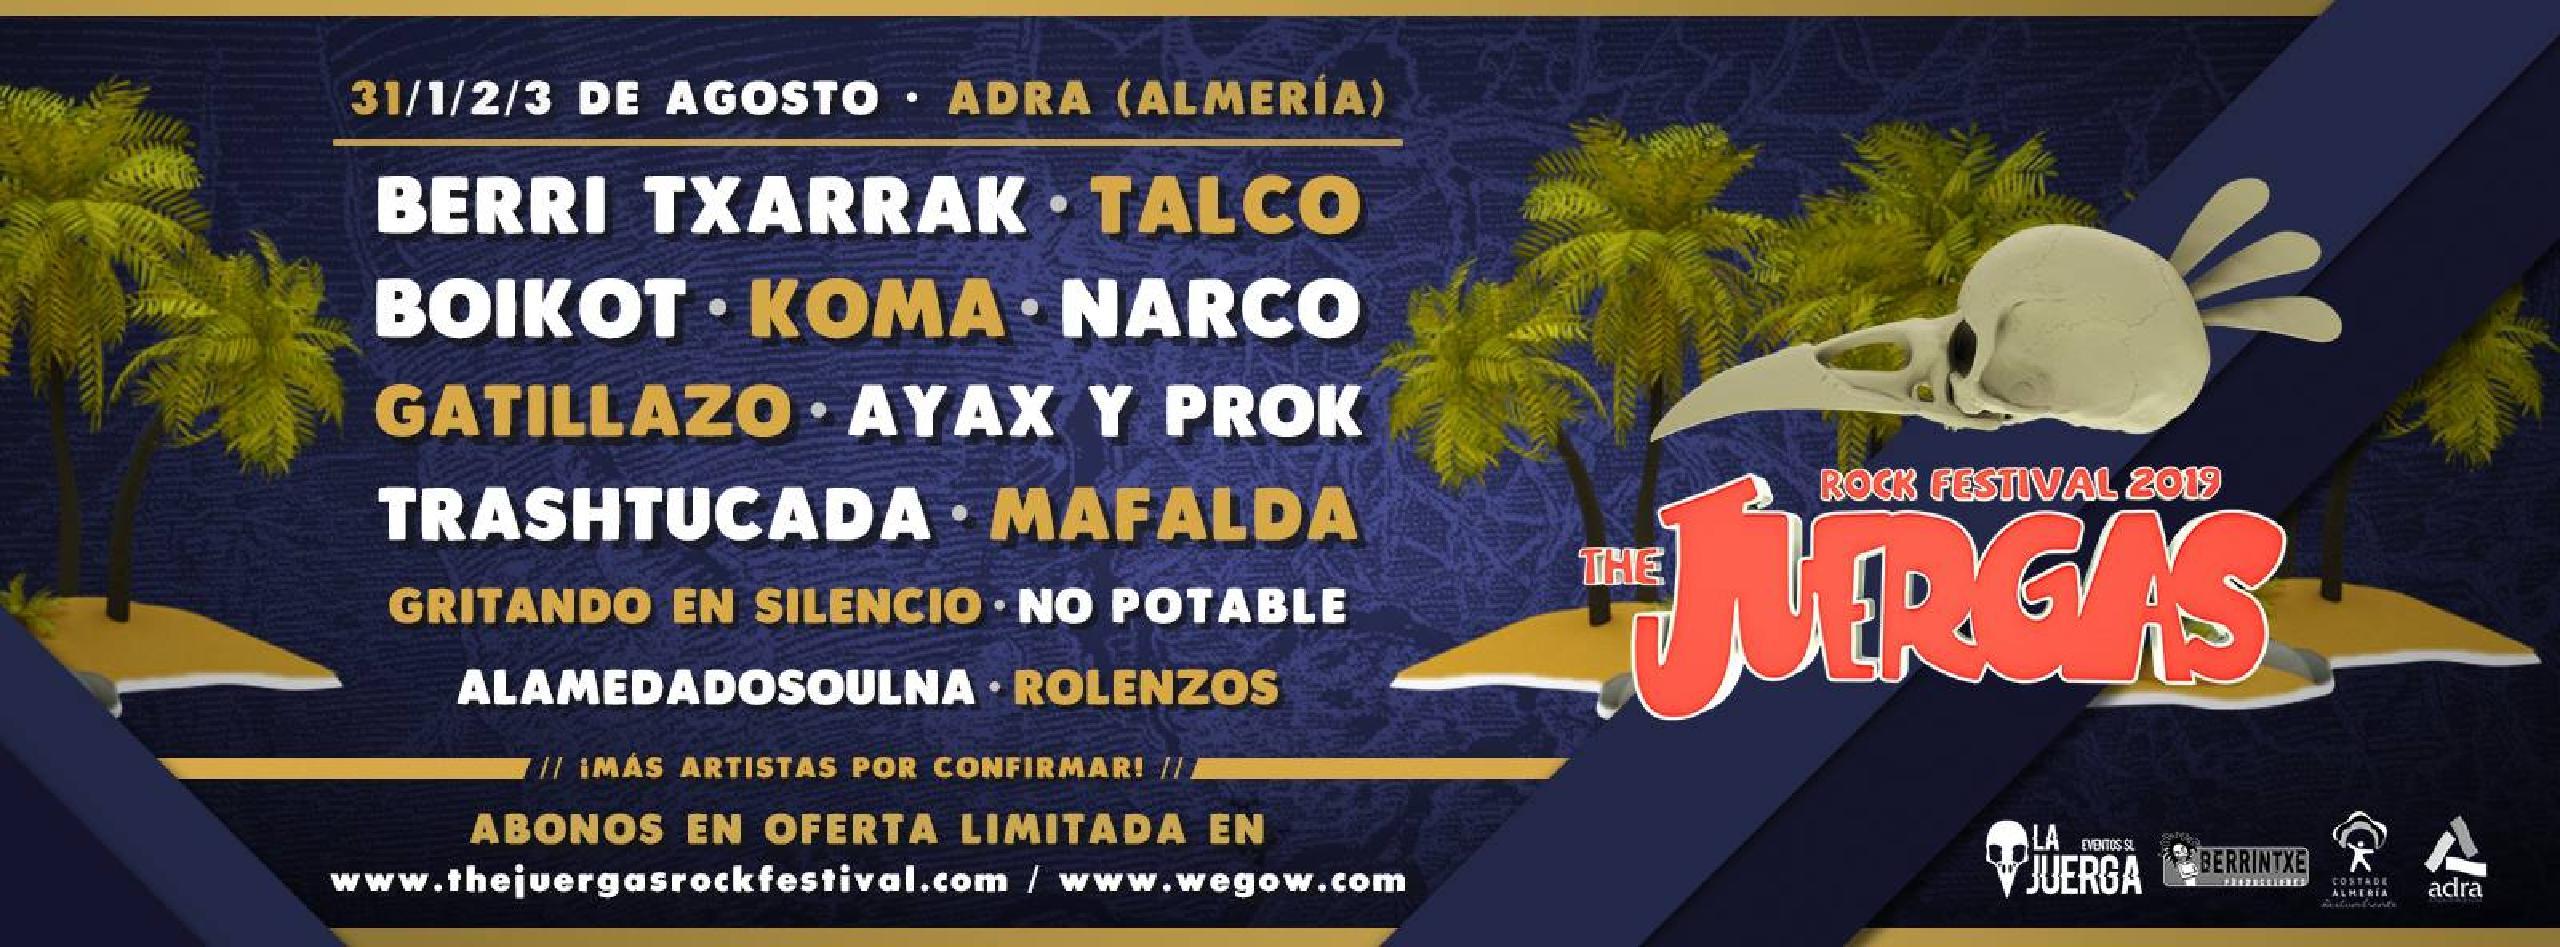 Cartel confirmaciones festival Juergas 2019